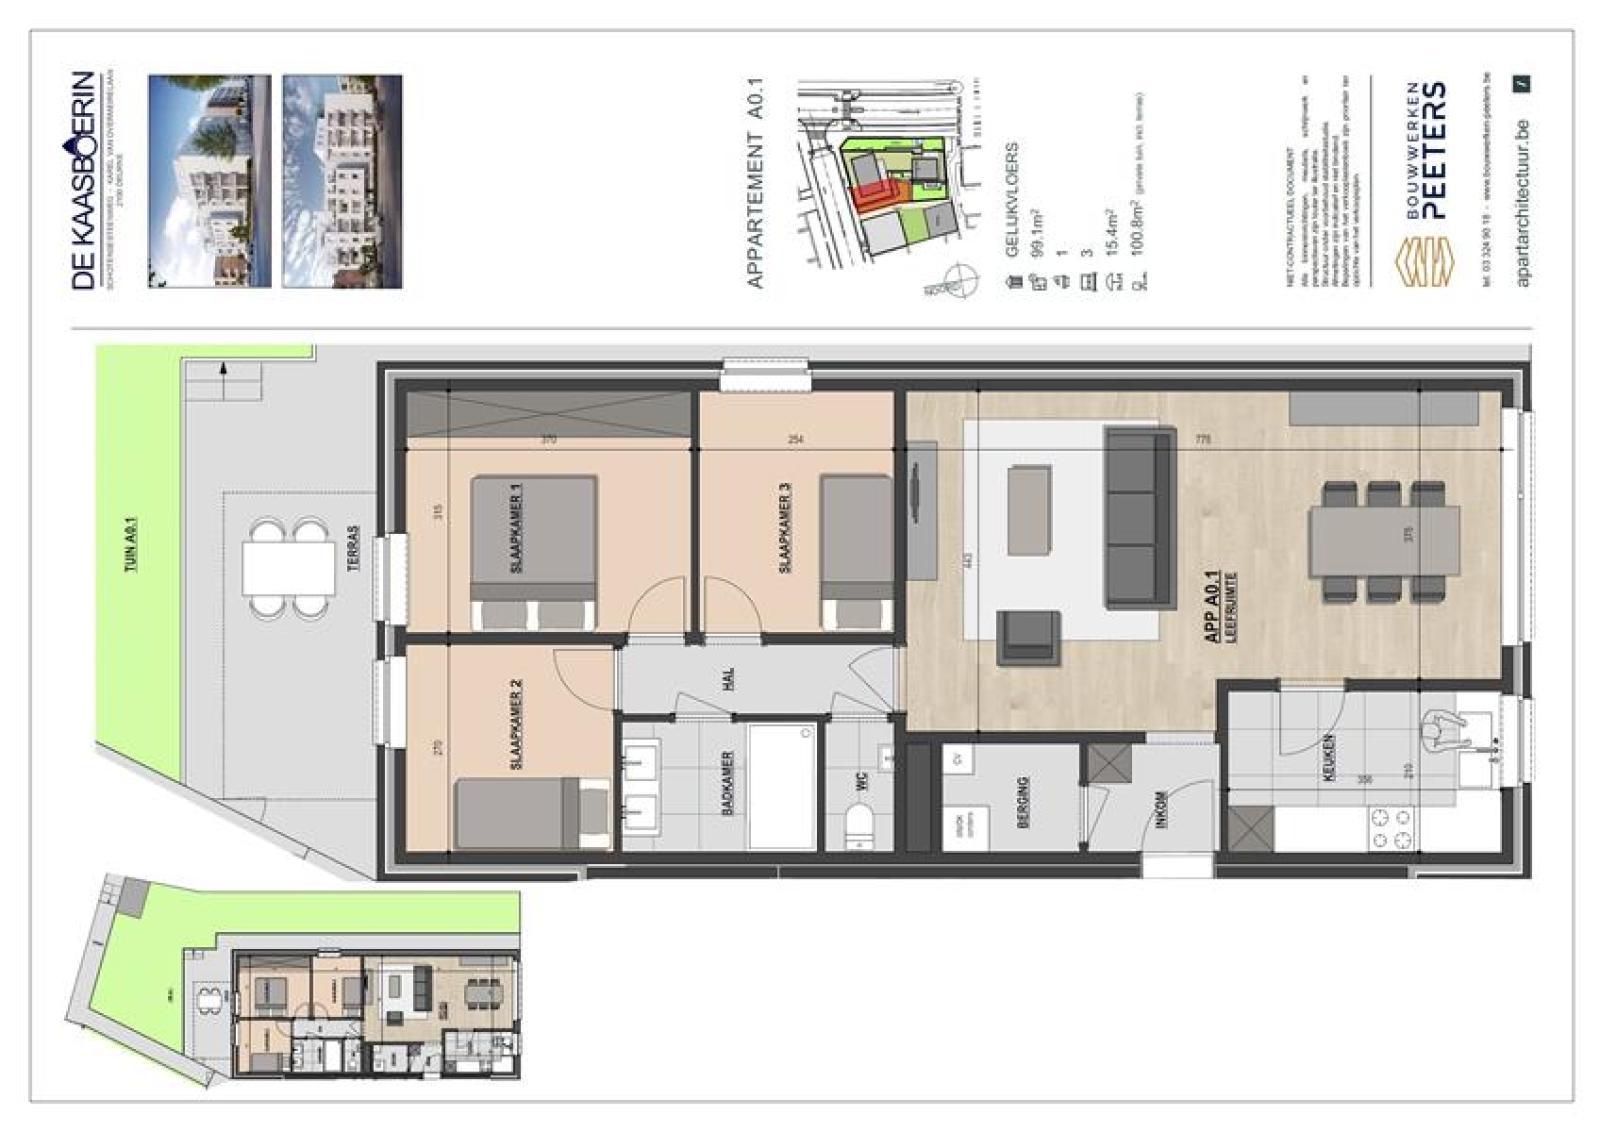 Licht en functioneel appartement (+/-98,8m²) met 3 slaapkamers, terras en zuid-georiënteerde privatieve tuin (81m²)! afbeelding 7